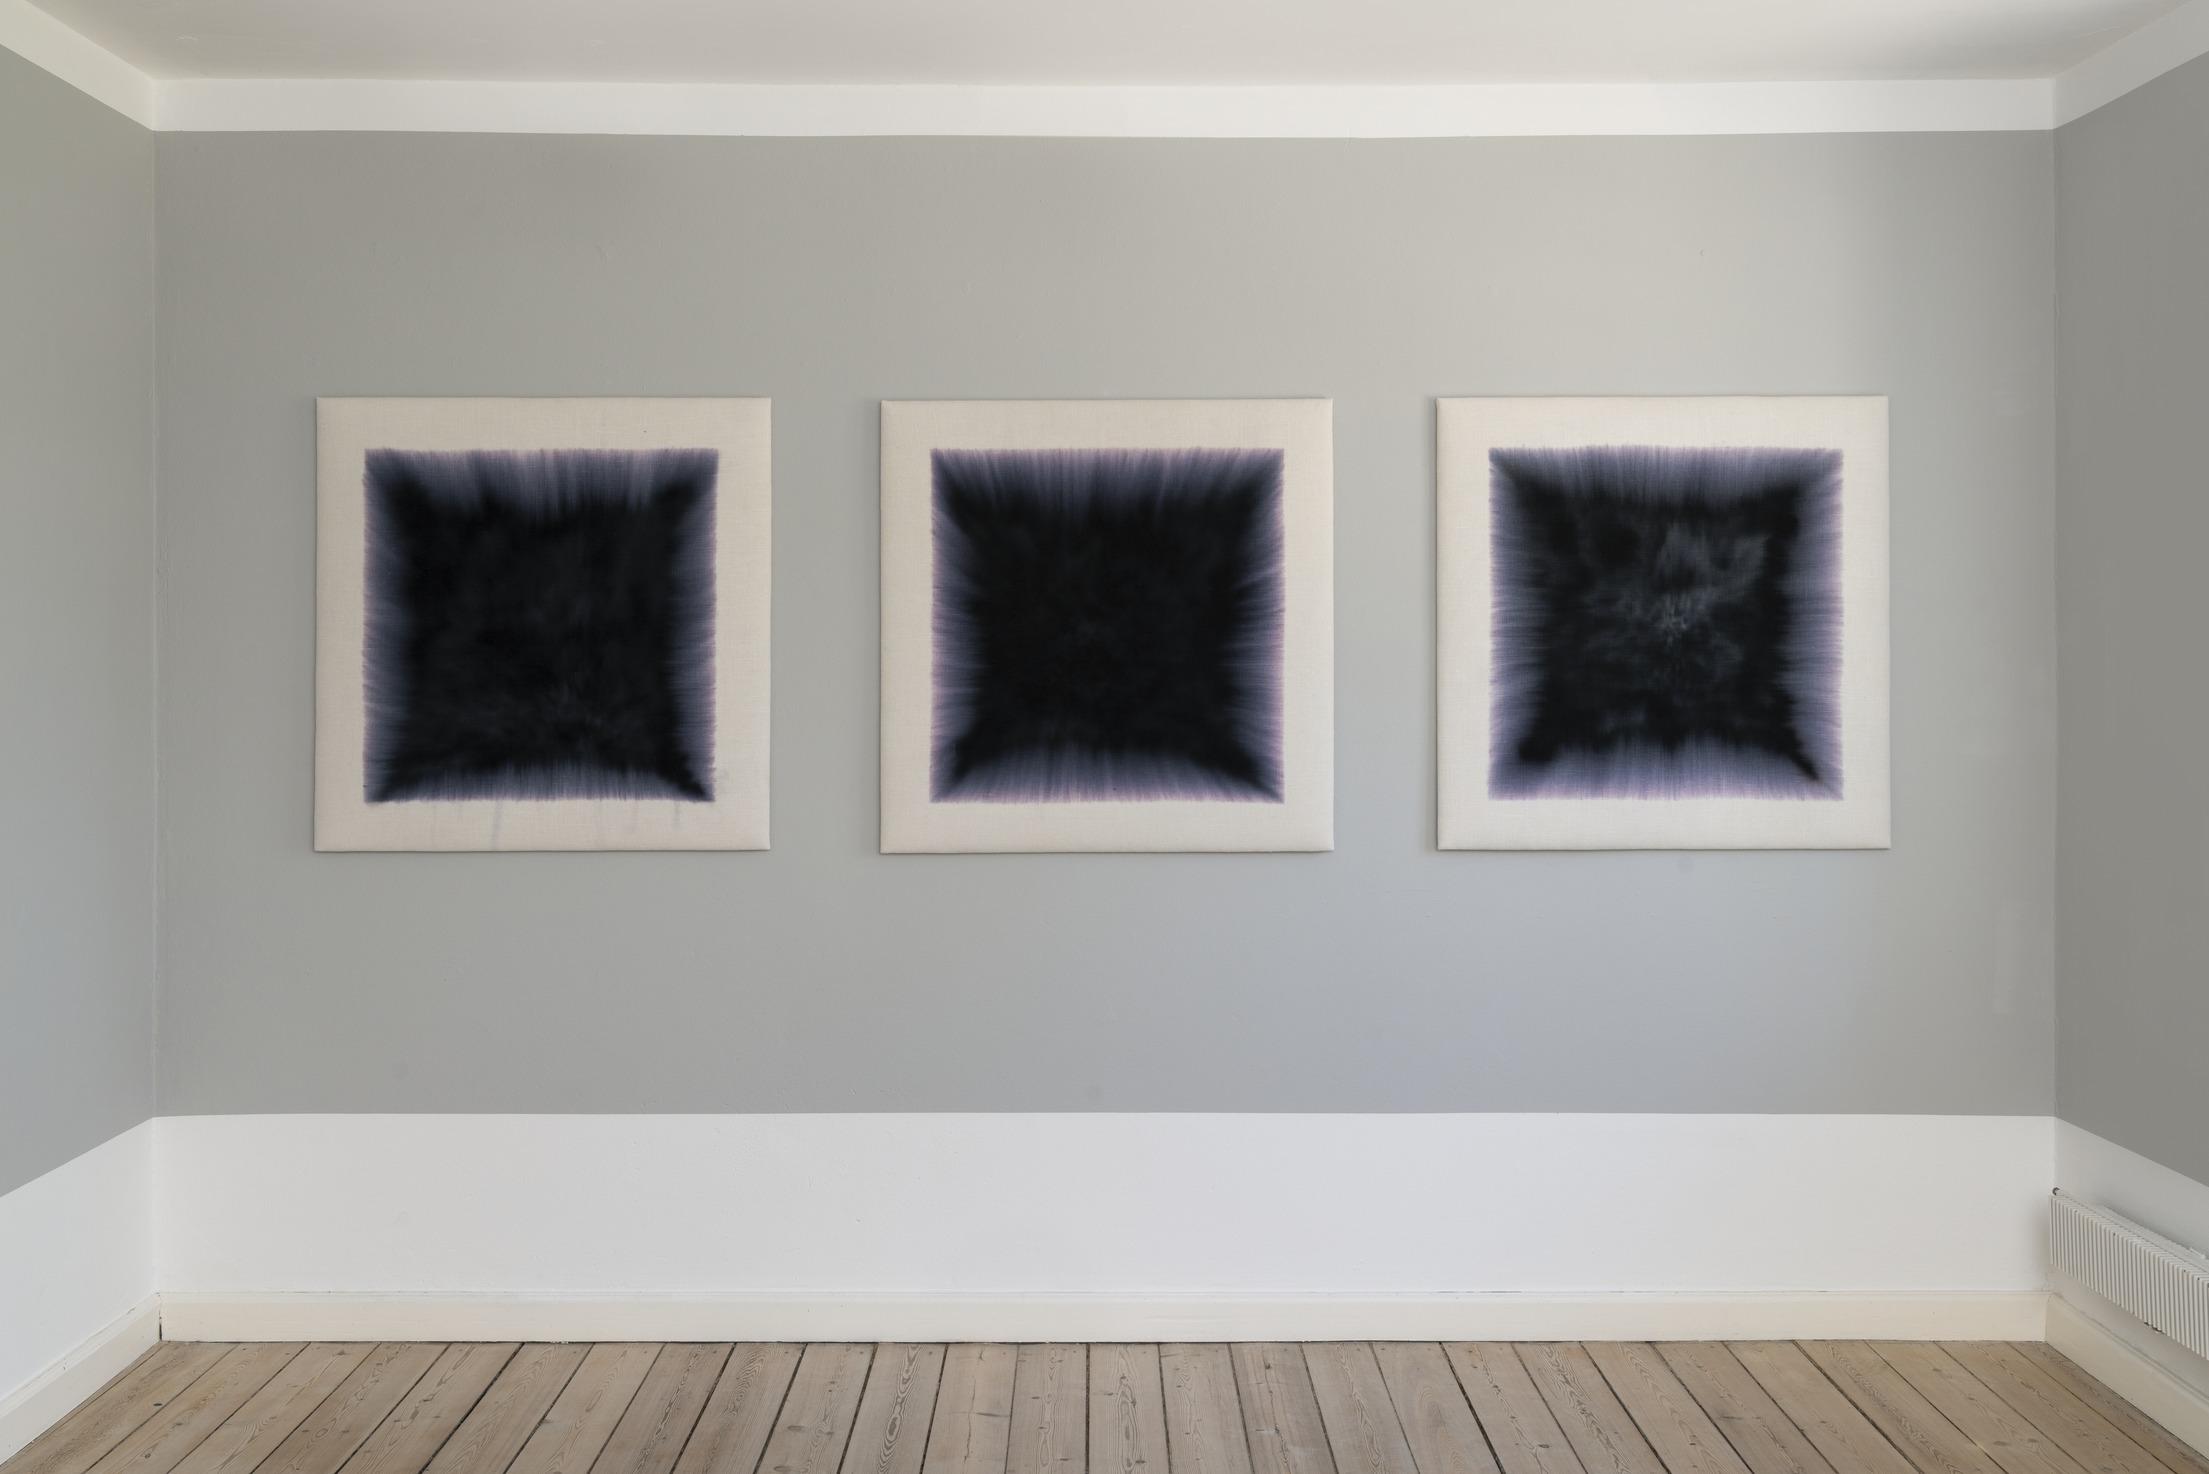 BLACK SQUARE (TIEFSCHWARZ) BY MARGRETHE ODGAARD